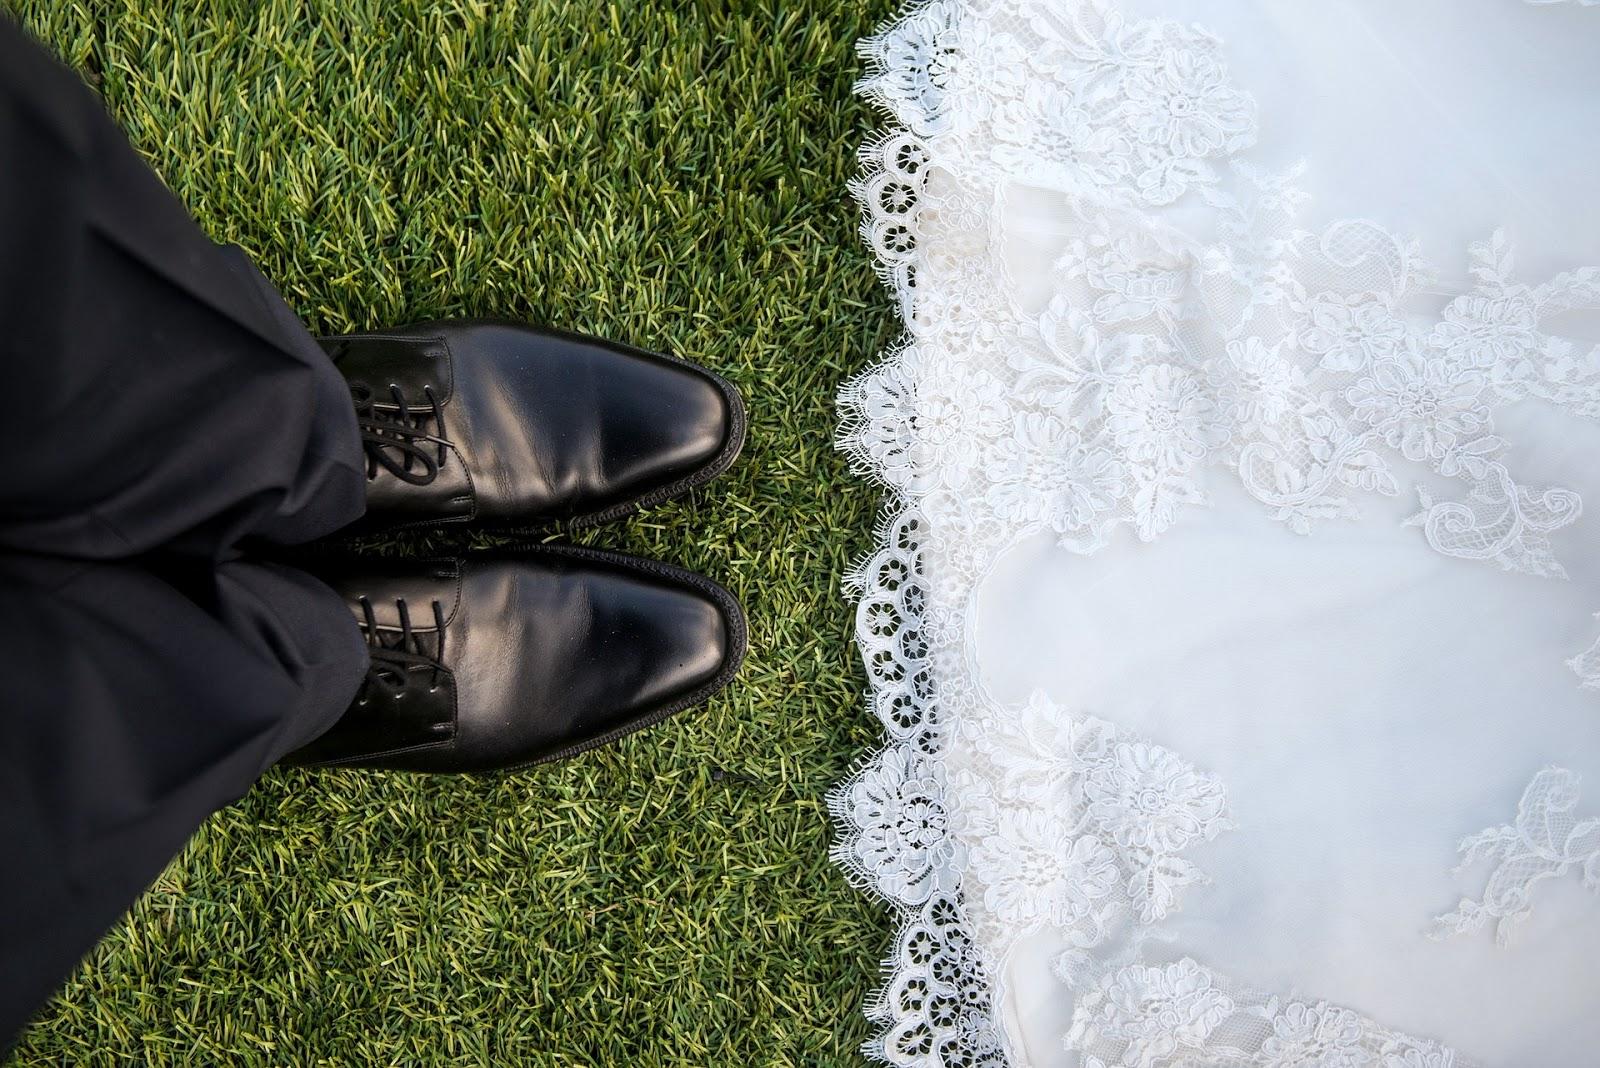 Классический стиль свадьбы: порядок организации торжества, идеи оформления с фото, образы жениха, невесты и гостей